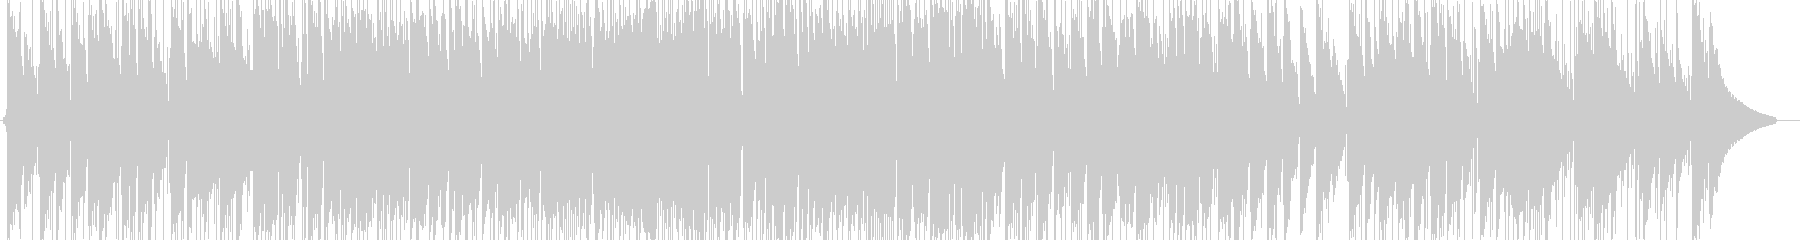 爽やかなピアノトリオ(オリジナル)の未再生の波形